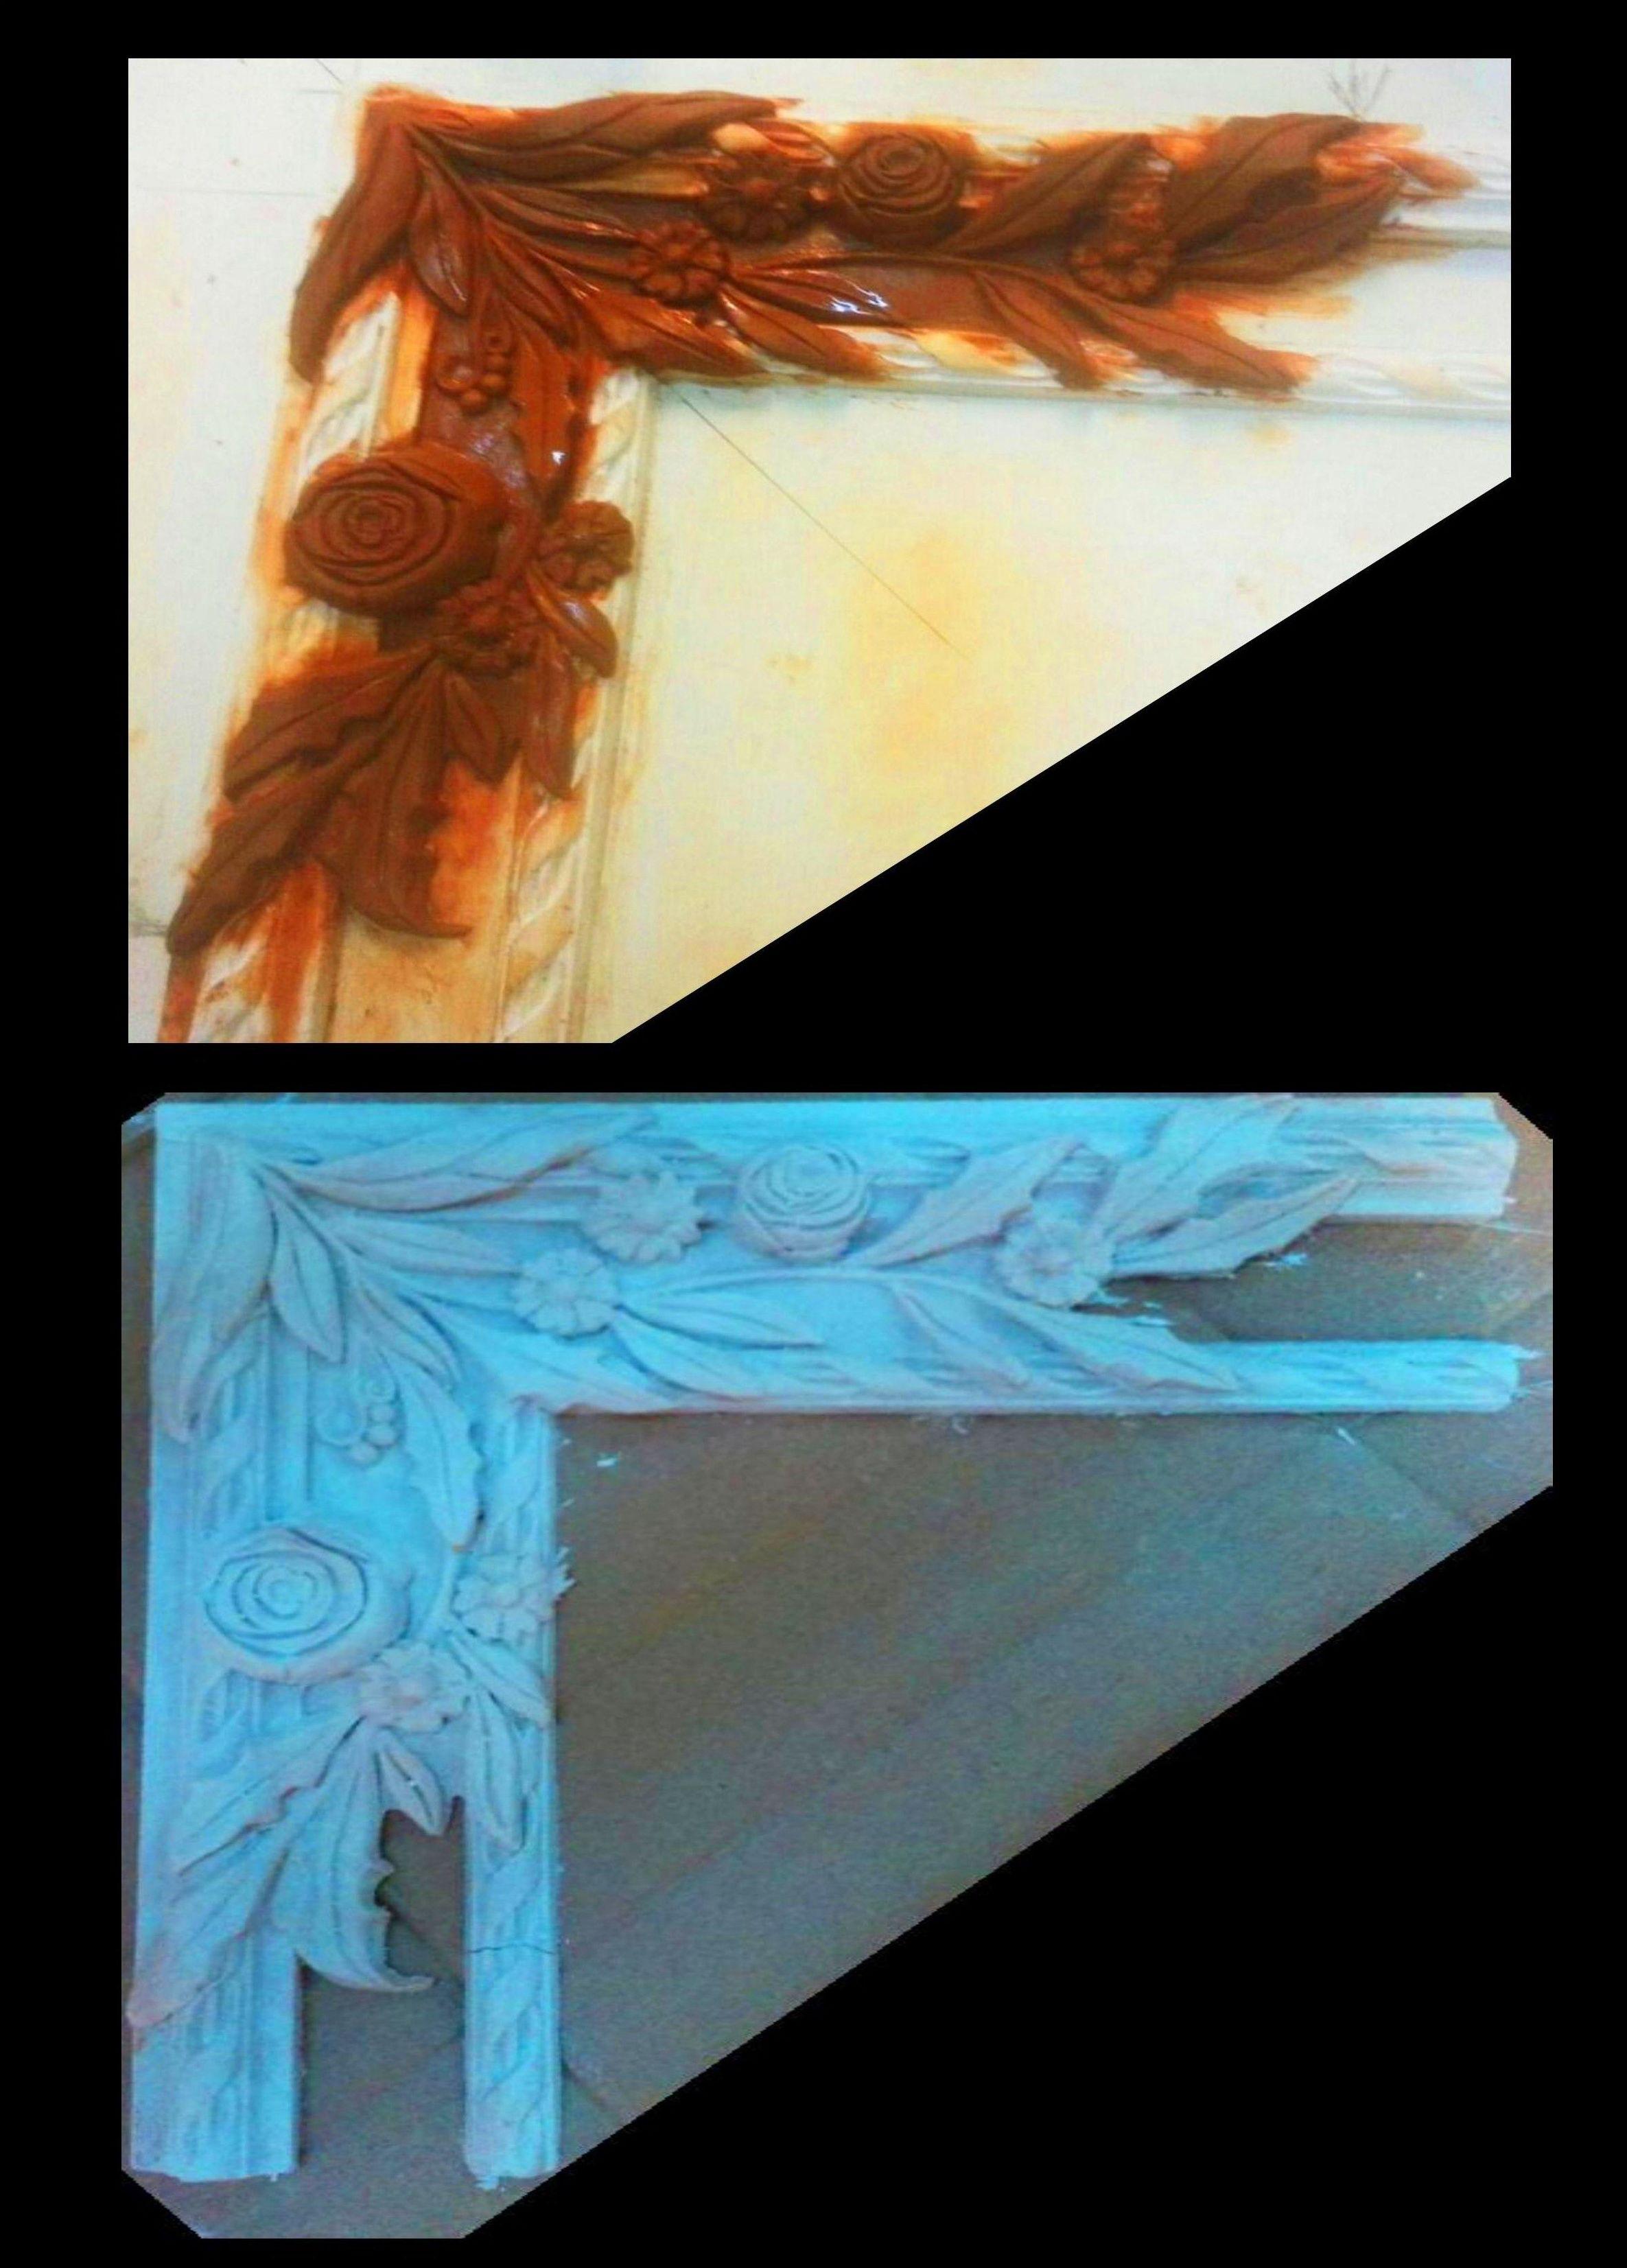 Escuadra realizada en nuestro taller de encargos en arcilla para posteriormente realizar molde y fabricar misma pieza en escayola.